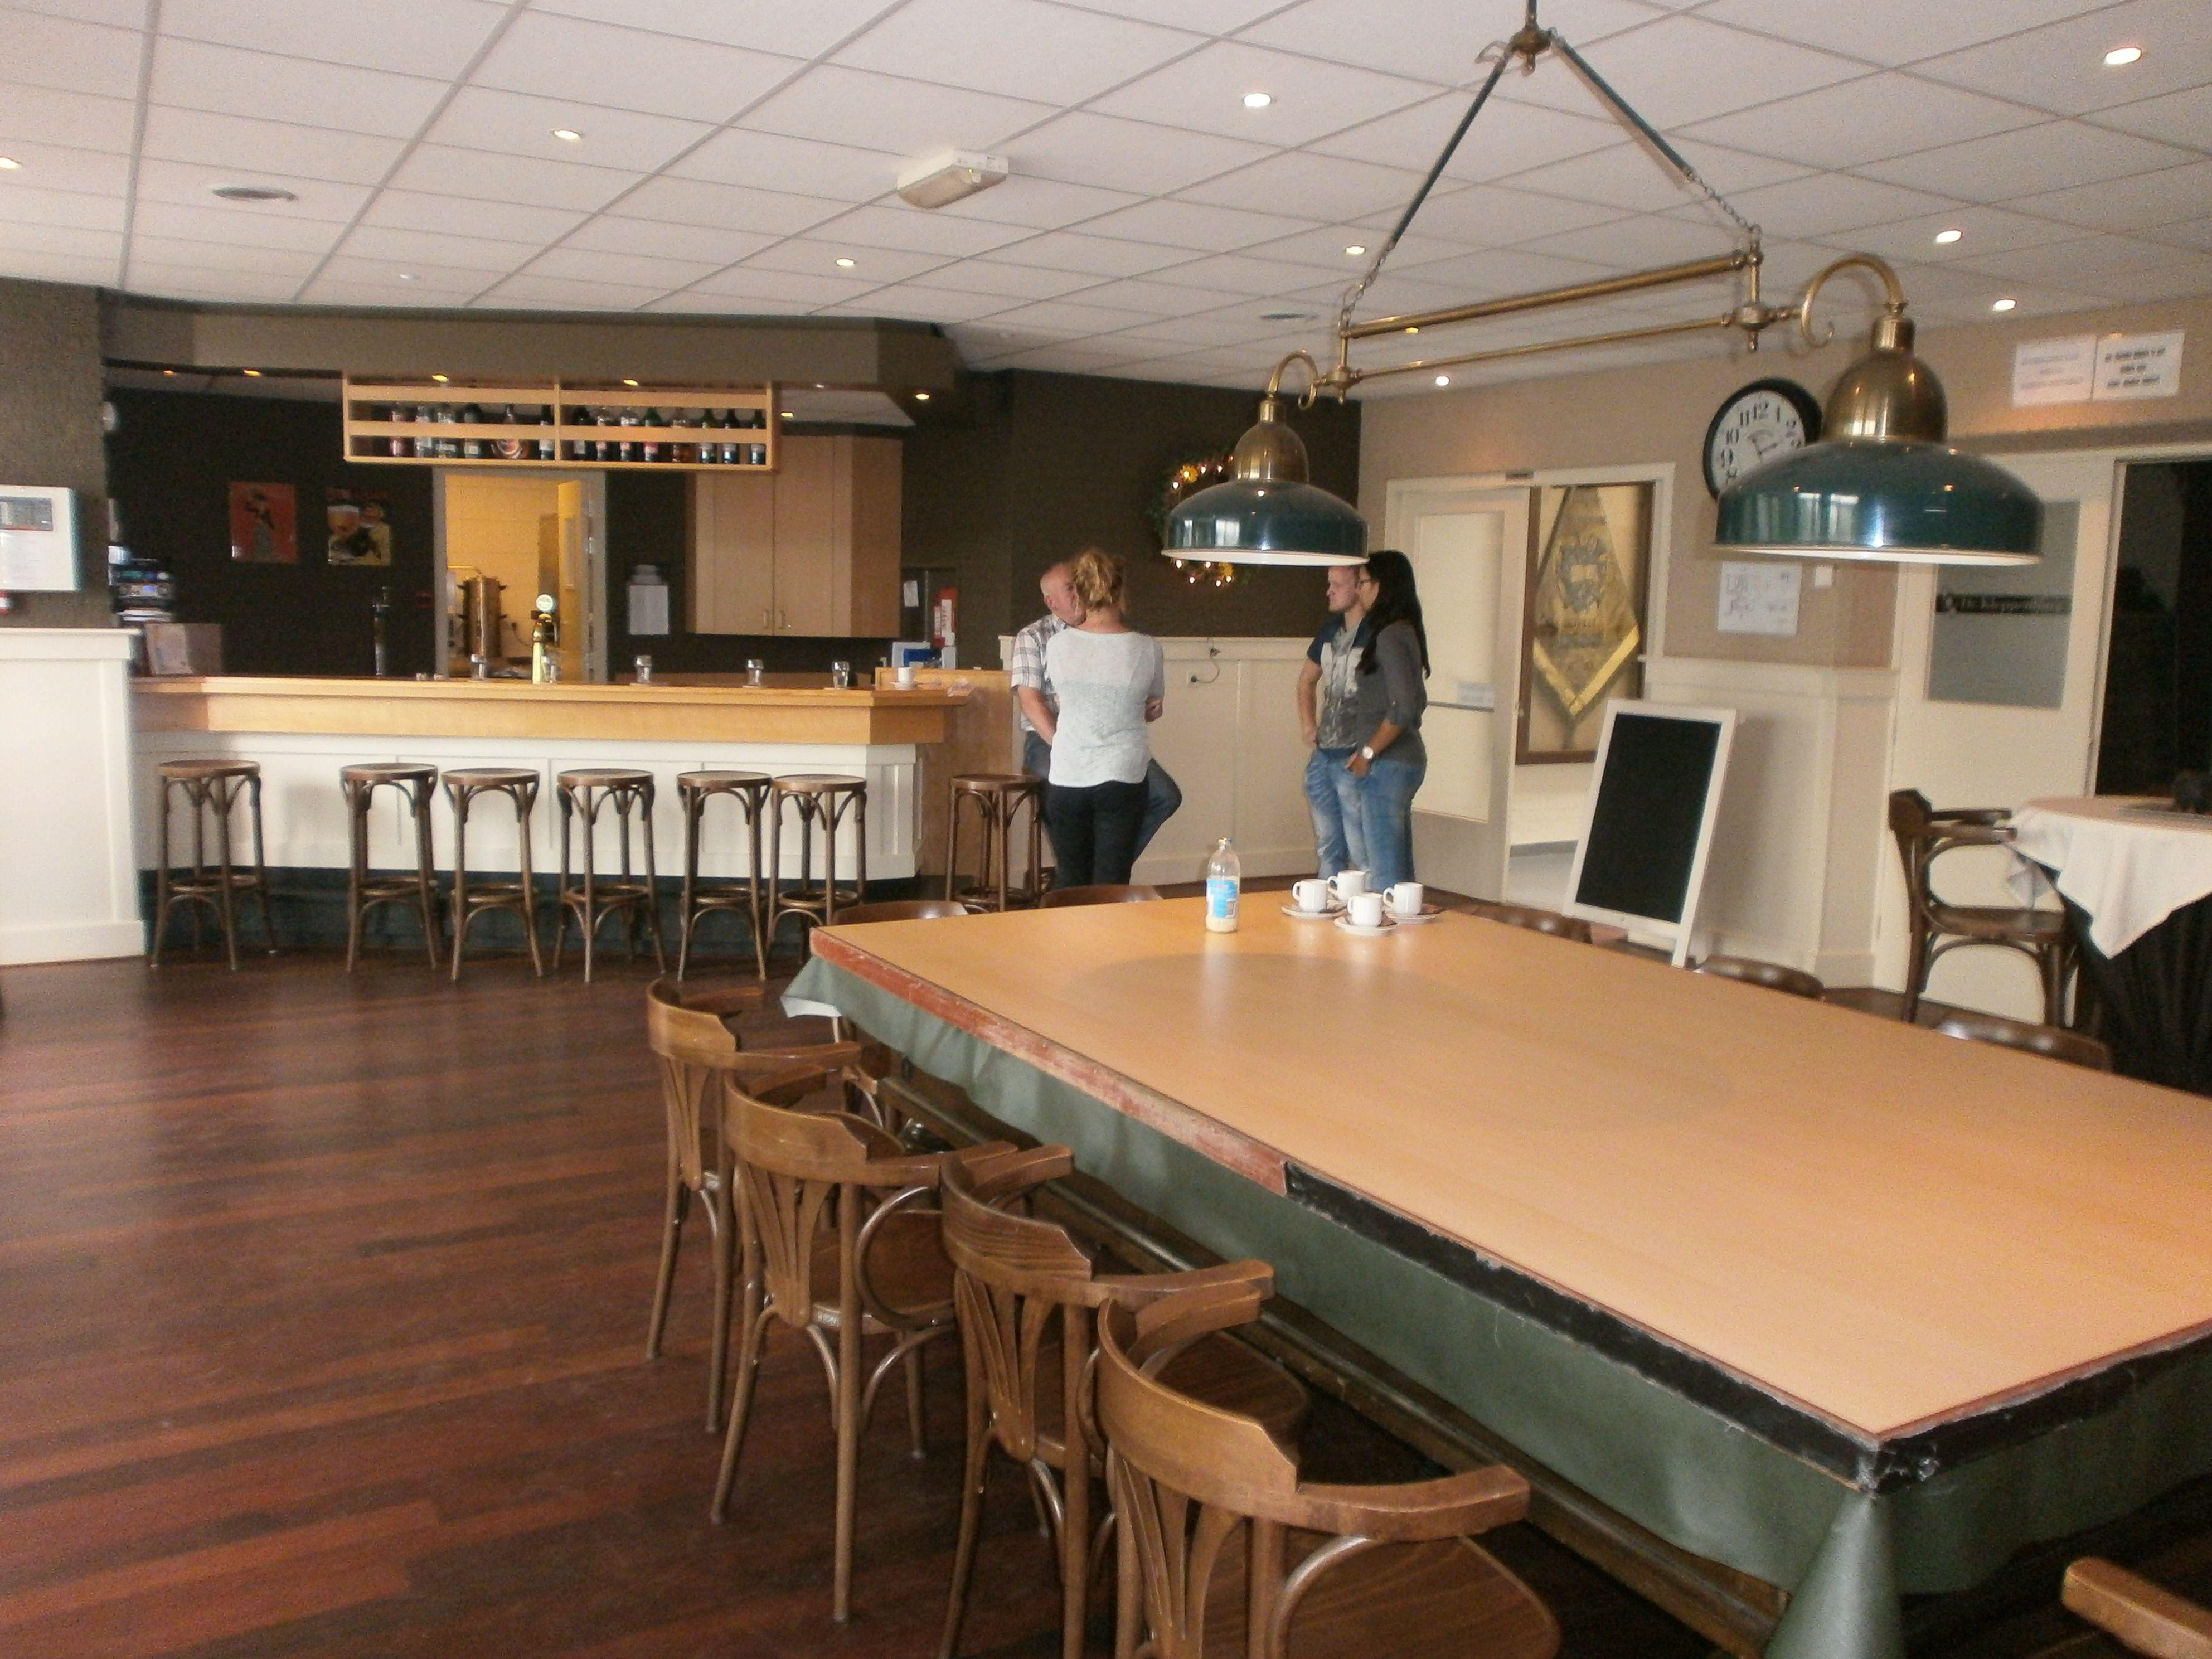 ondernemingsplan cafe De Kleppenburg | Ondernemingsplan 2014 | Pinterest ondernemingsplan cafe